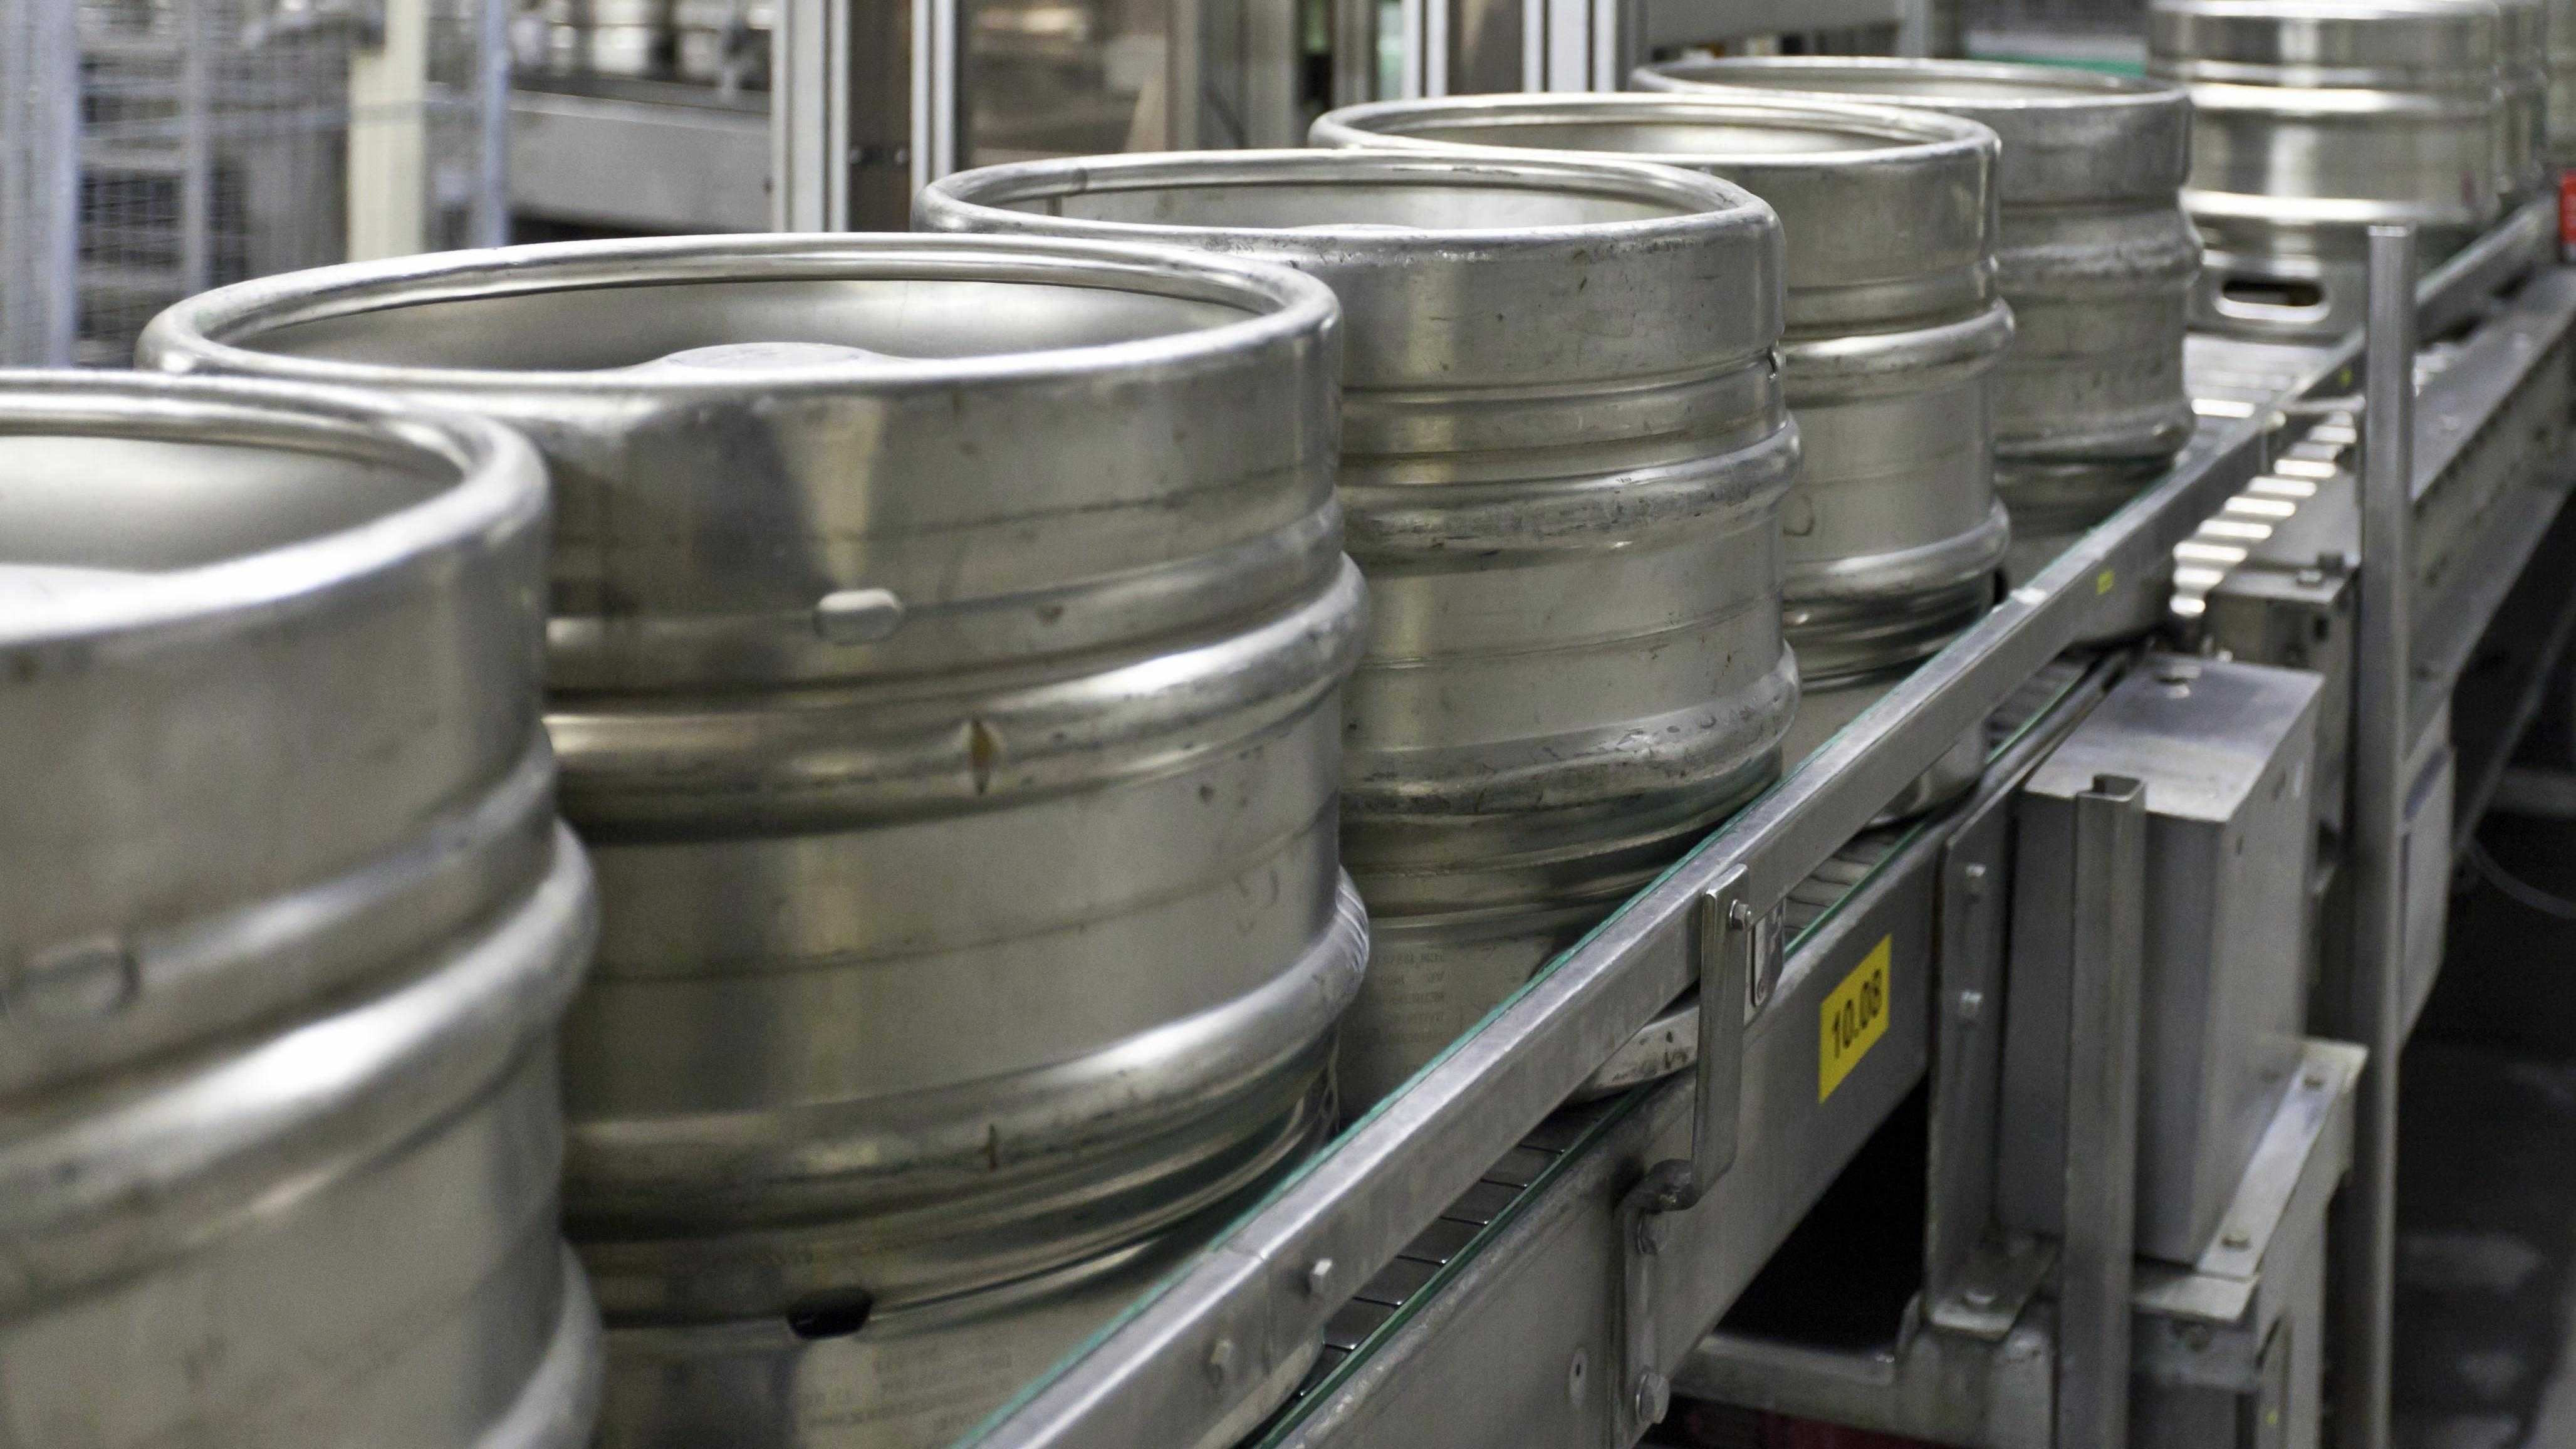 Bierfässer zur Befüllung auf einem Fließband